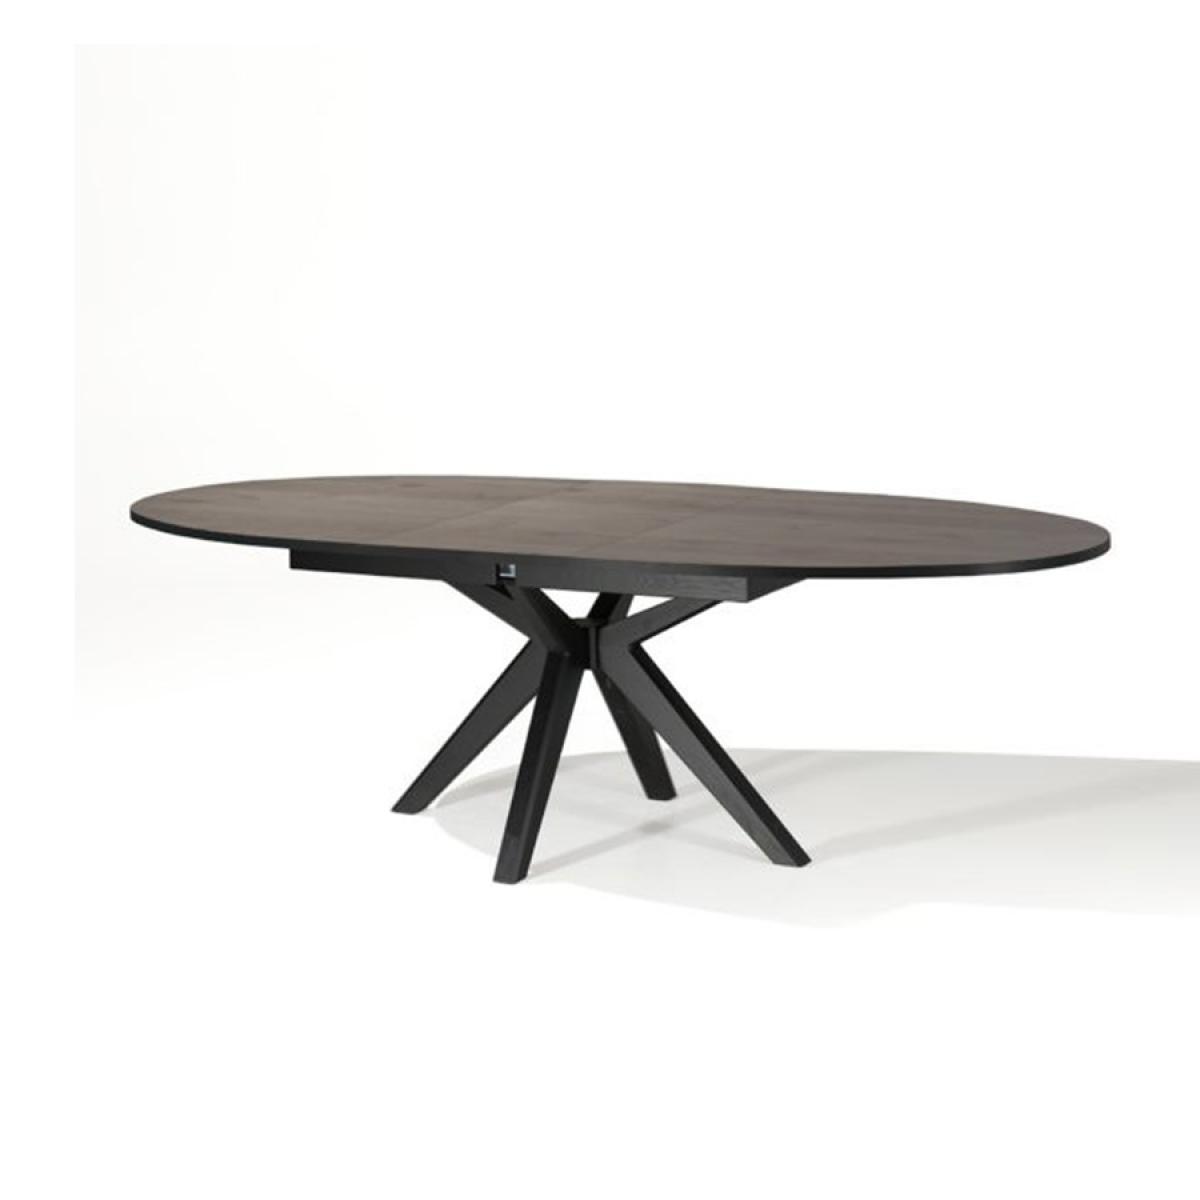 Nouvomeuble Table ovale extensible couleur chêne foncé ESTELLE